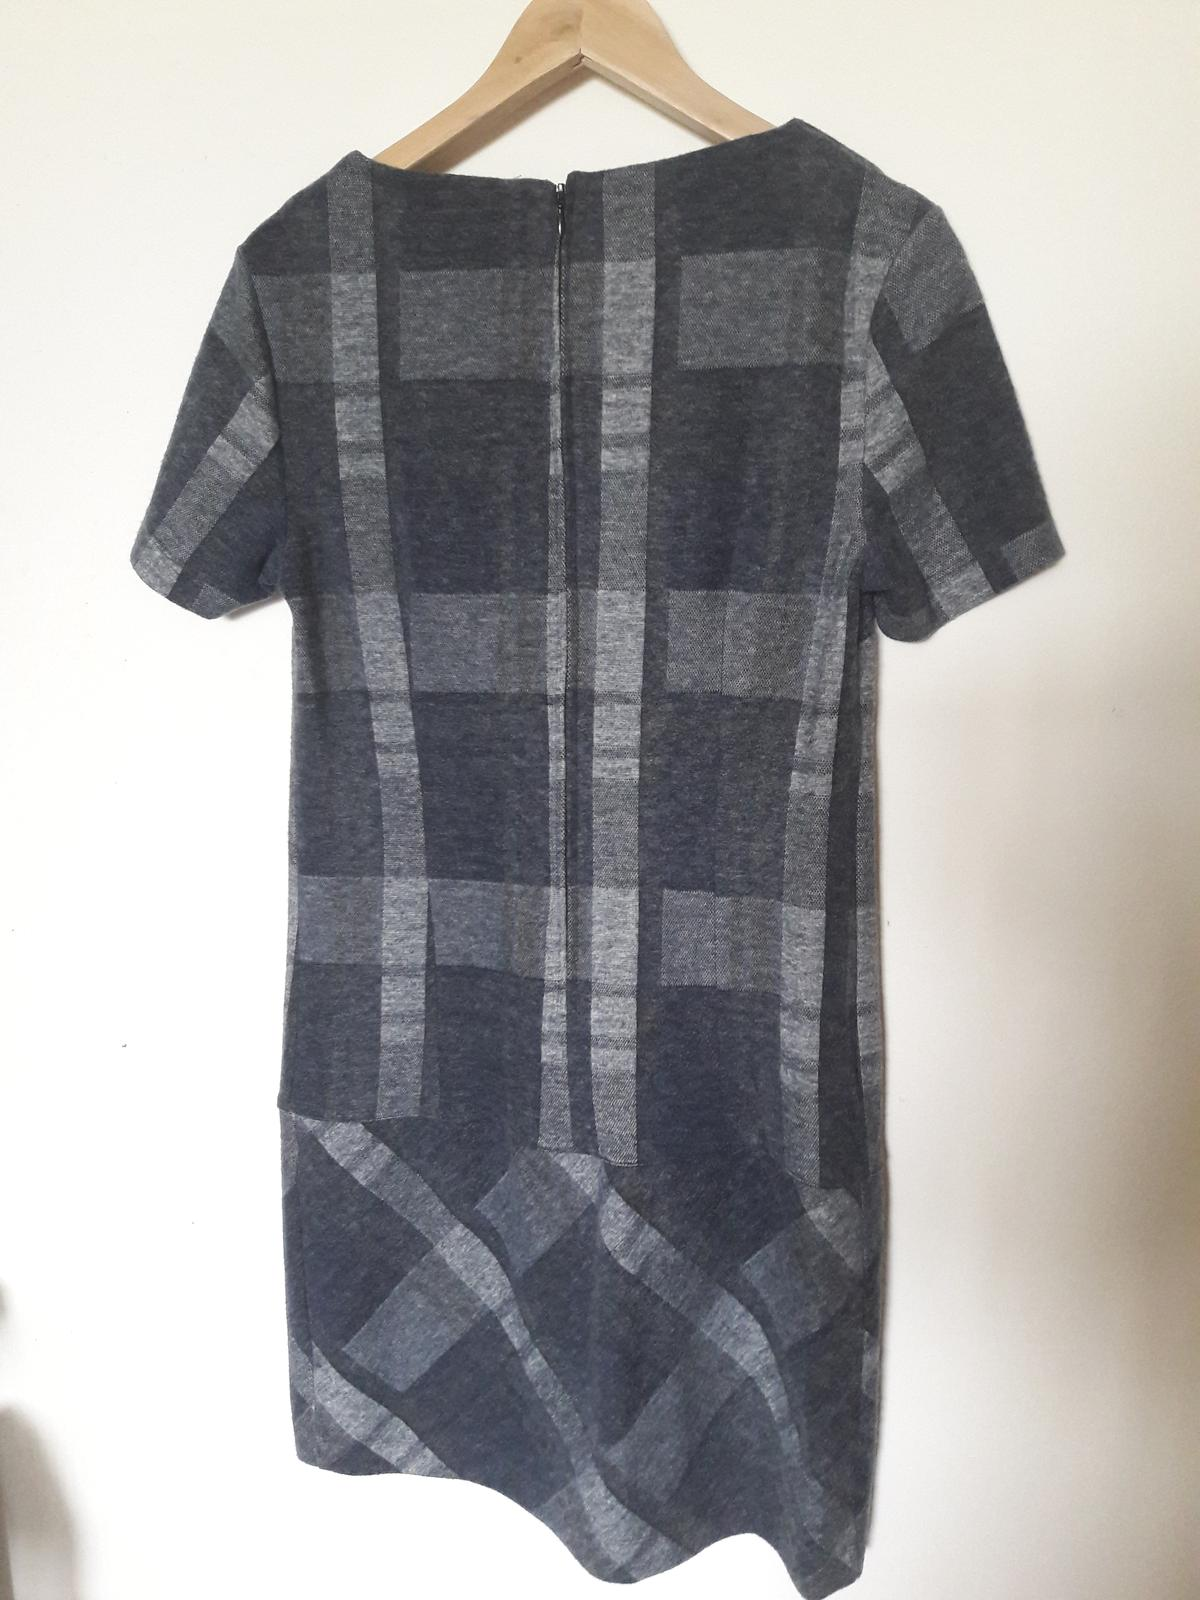 Šedé kárované šaty - Obrázek č. 4